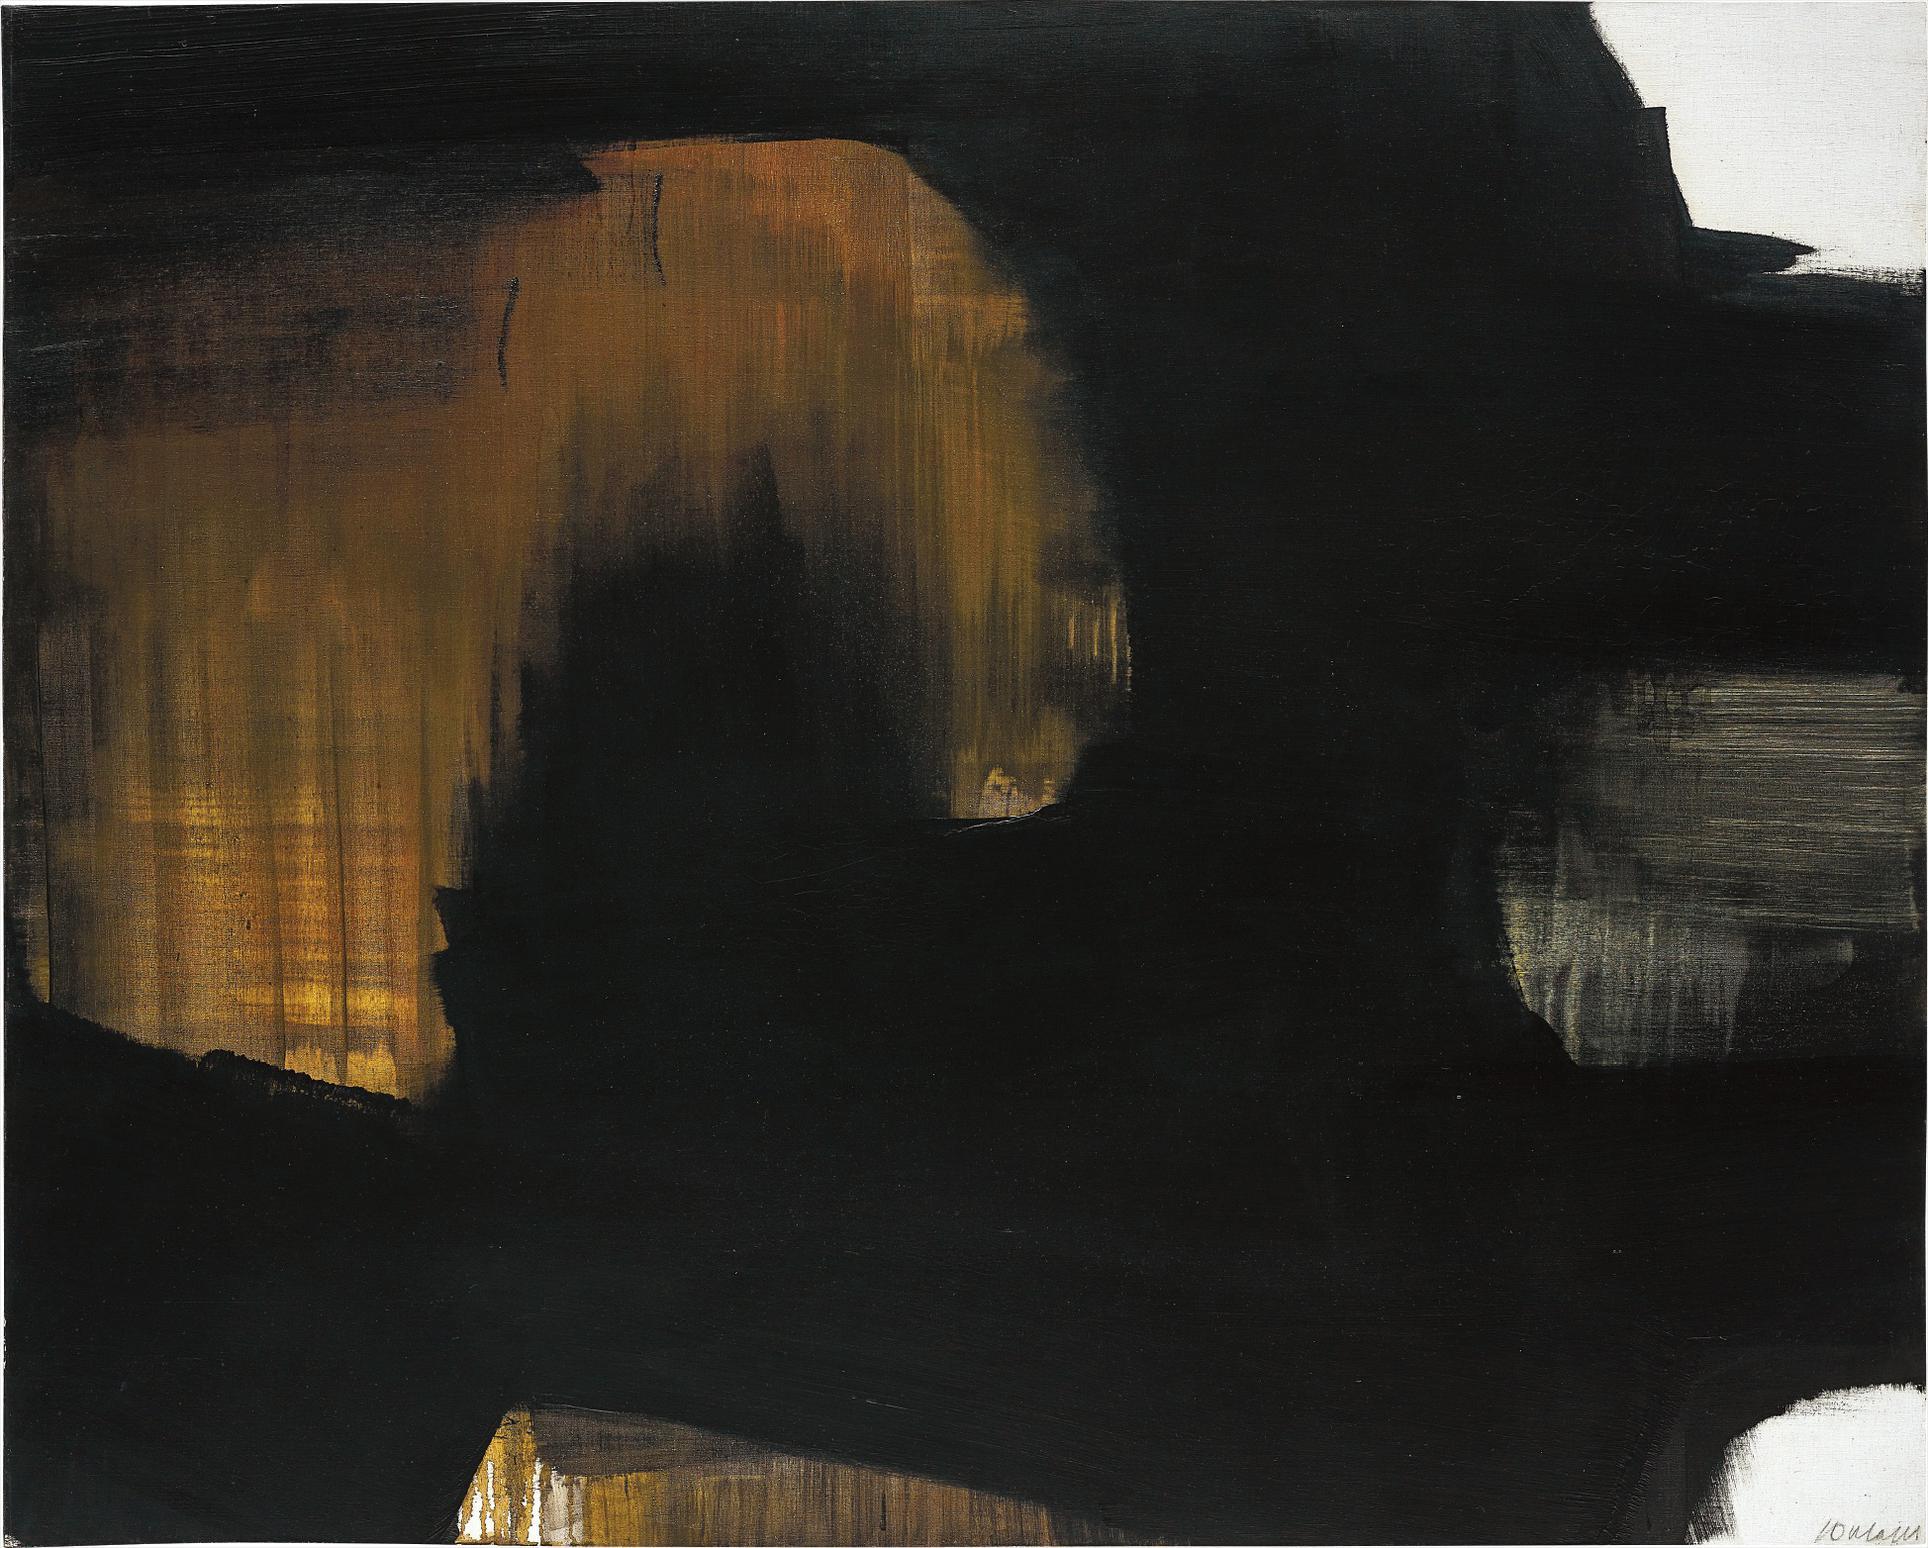 Pierre Soulages-Peinture 130 X 162 Cm, 12 Mai 1965-1965